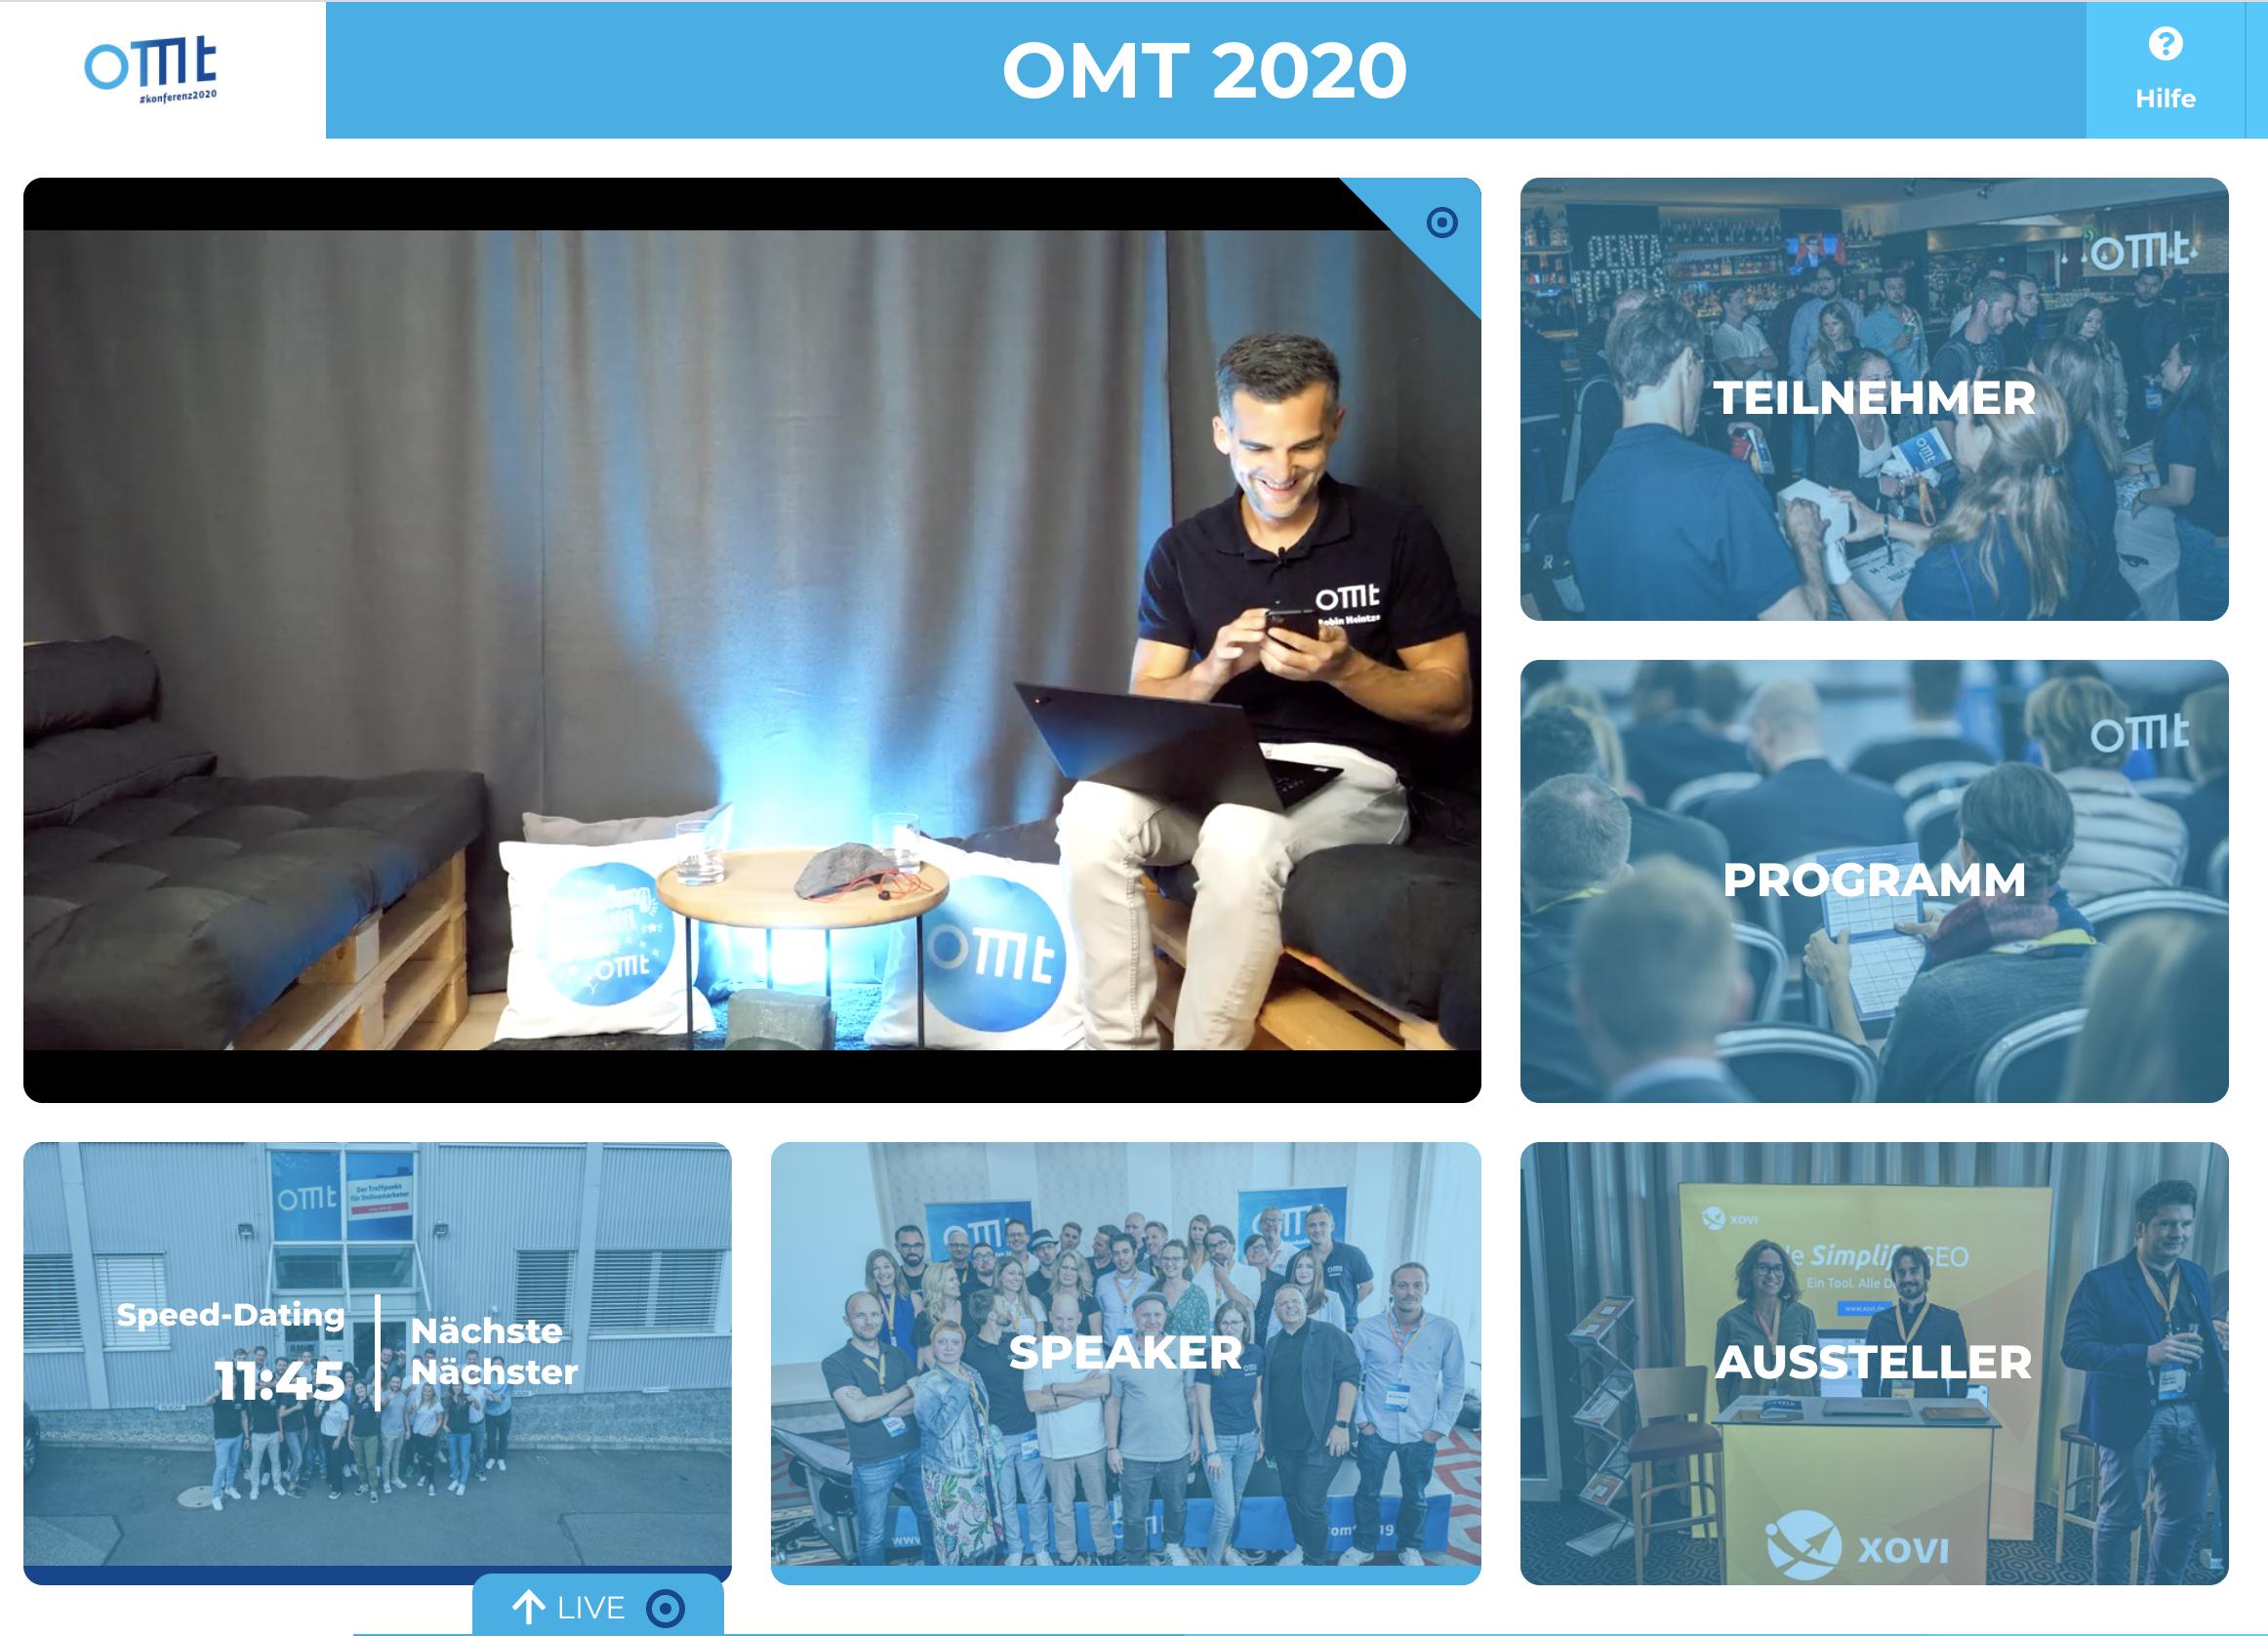 OMT 2020 - Konferenz